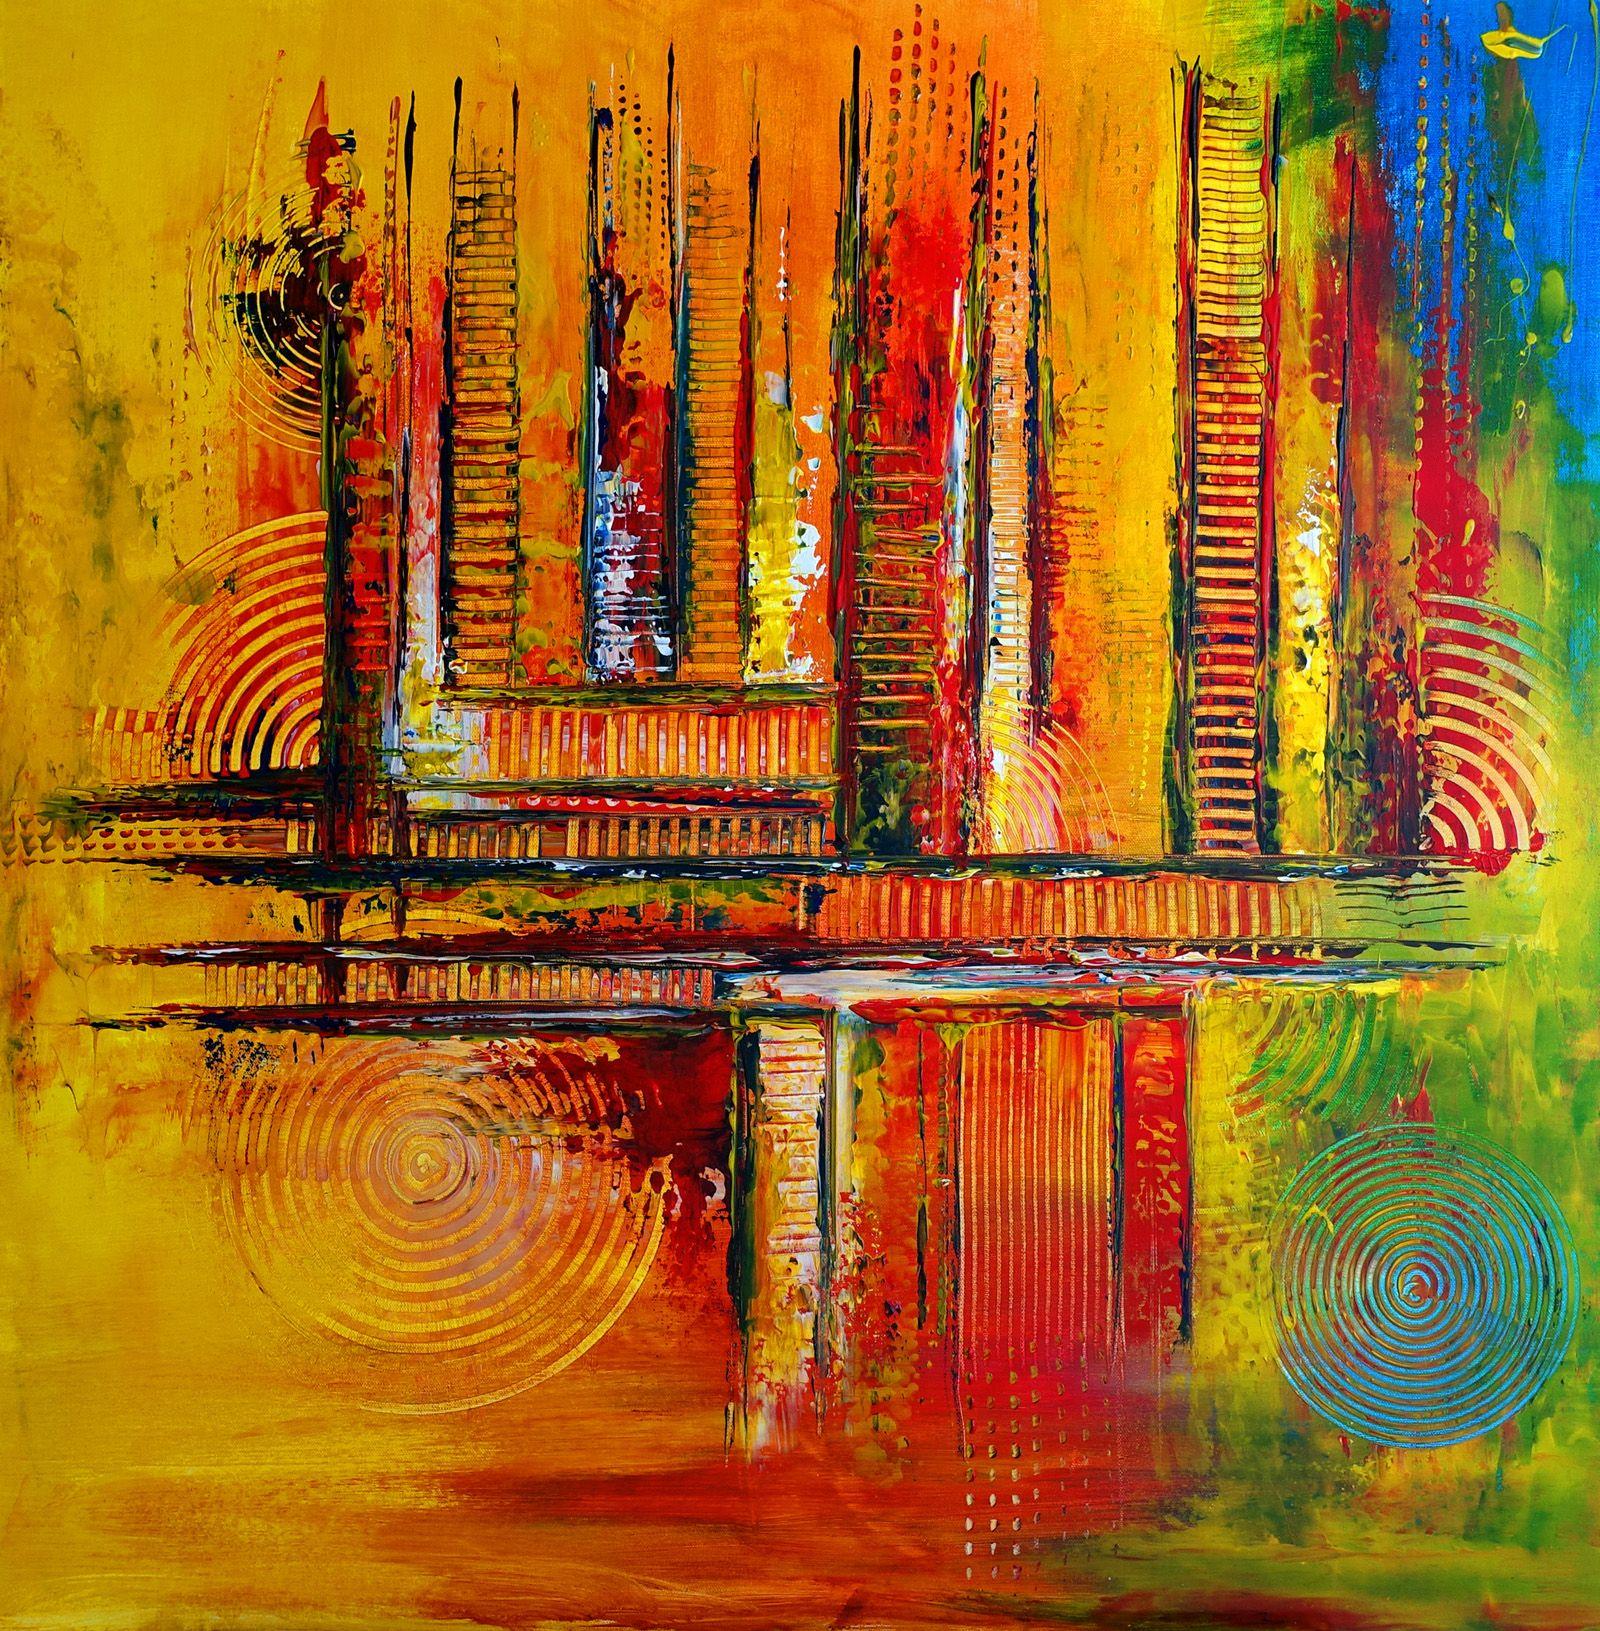 250 verkaufte abstrakte malerei orange gelb blau quadratisch wandbilder original gemalde kunst kunstwer abstrakt bilder skulpturen aus ton